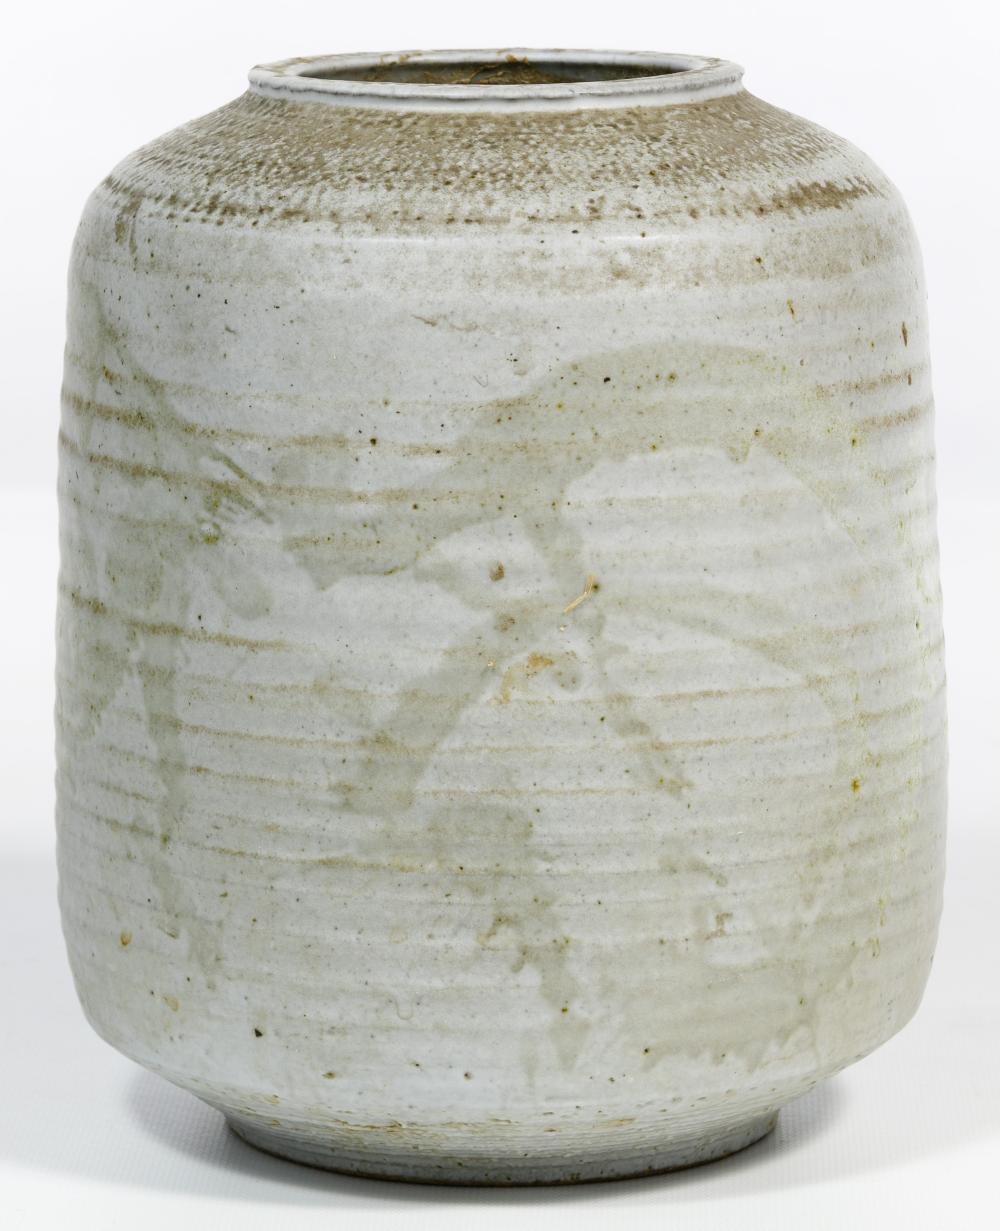 Clyde Burt (American, 1922-1981) Studio Ceramic Vase